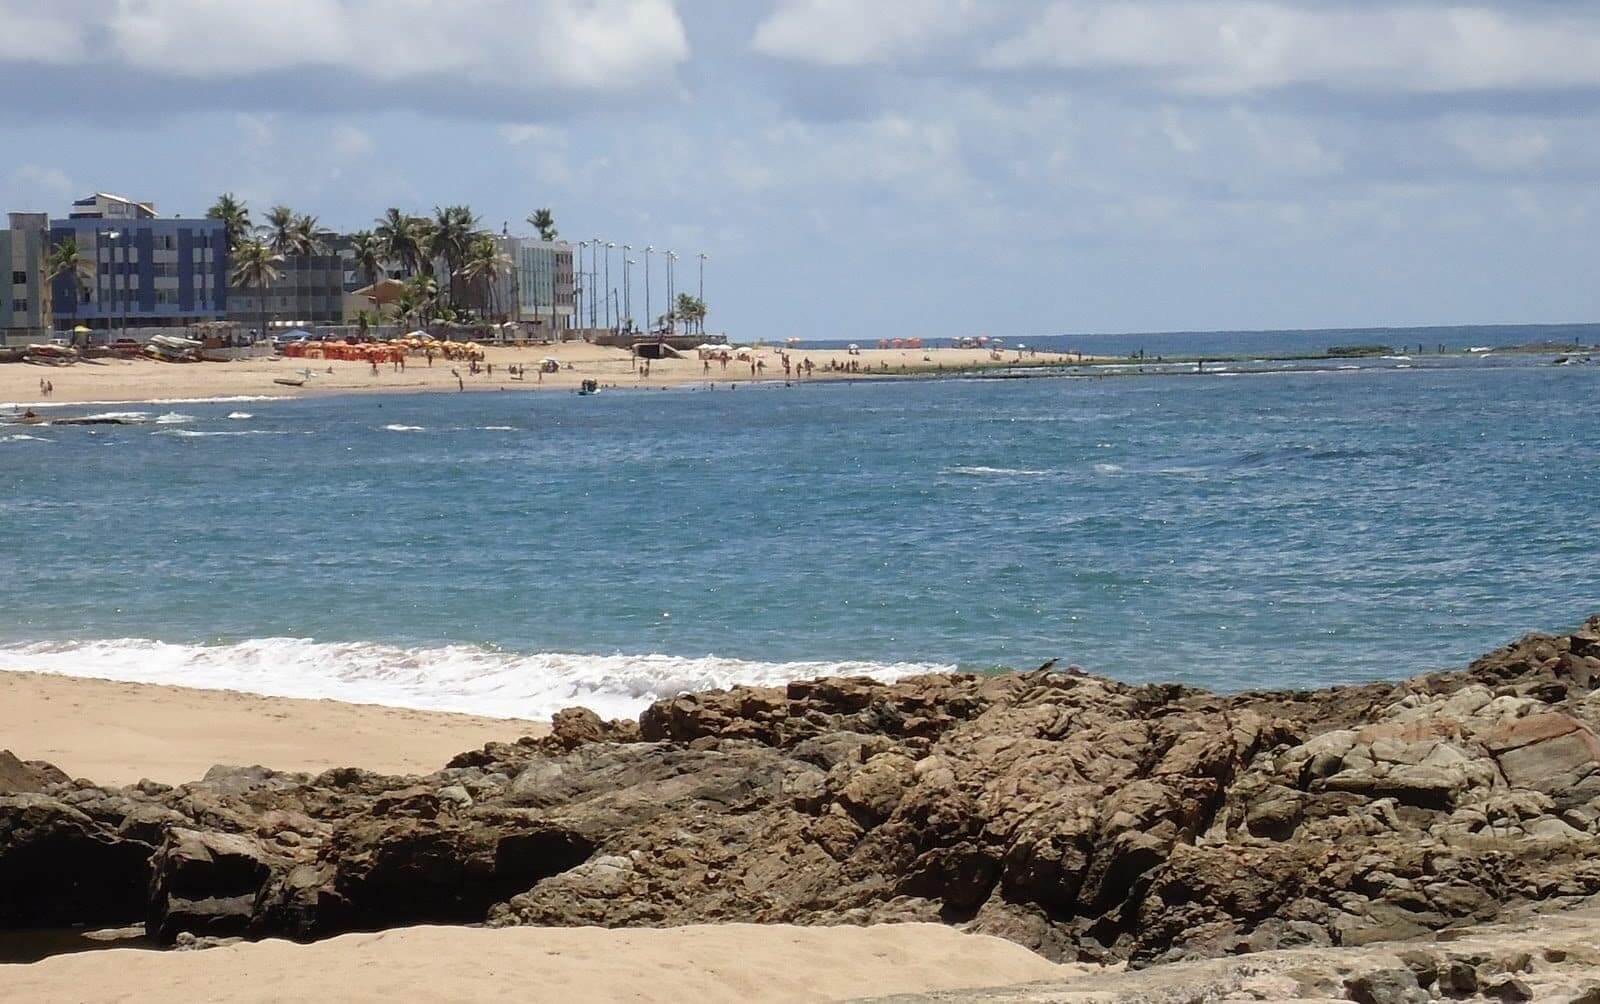 Pontos turísticos em Salvador: Praia de Amaralina